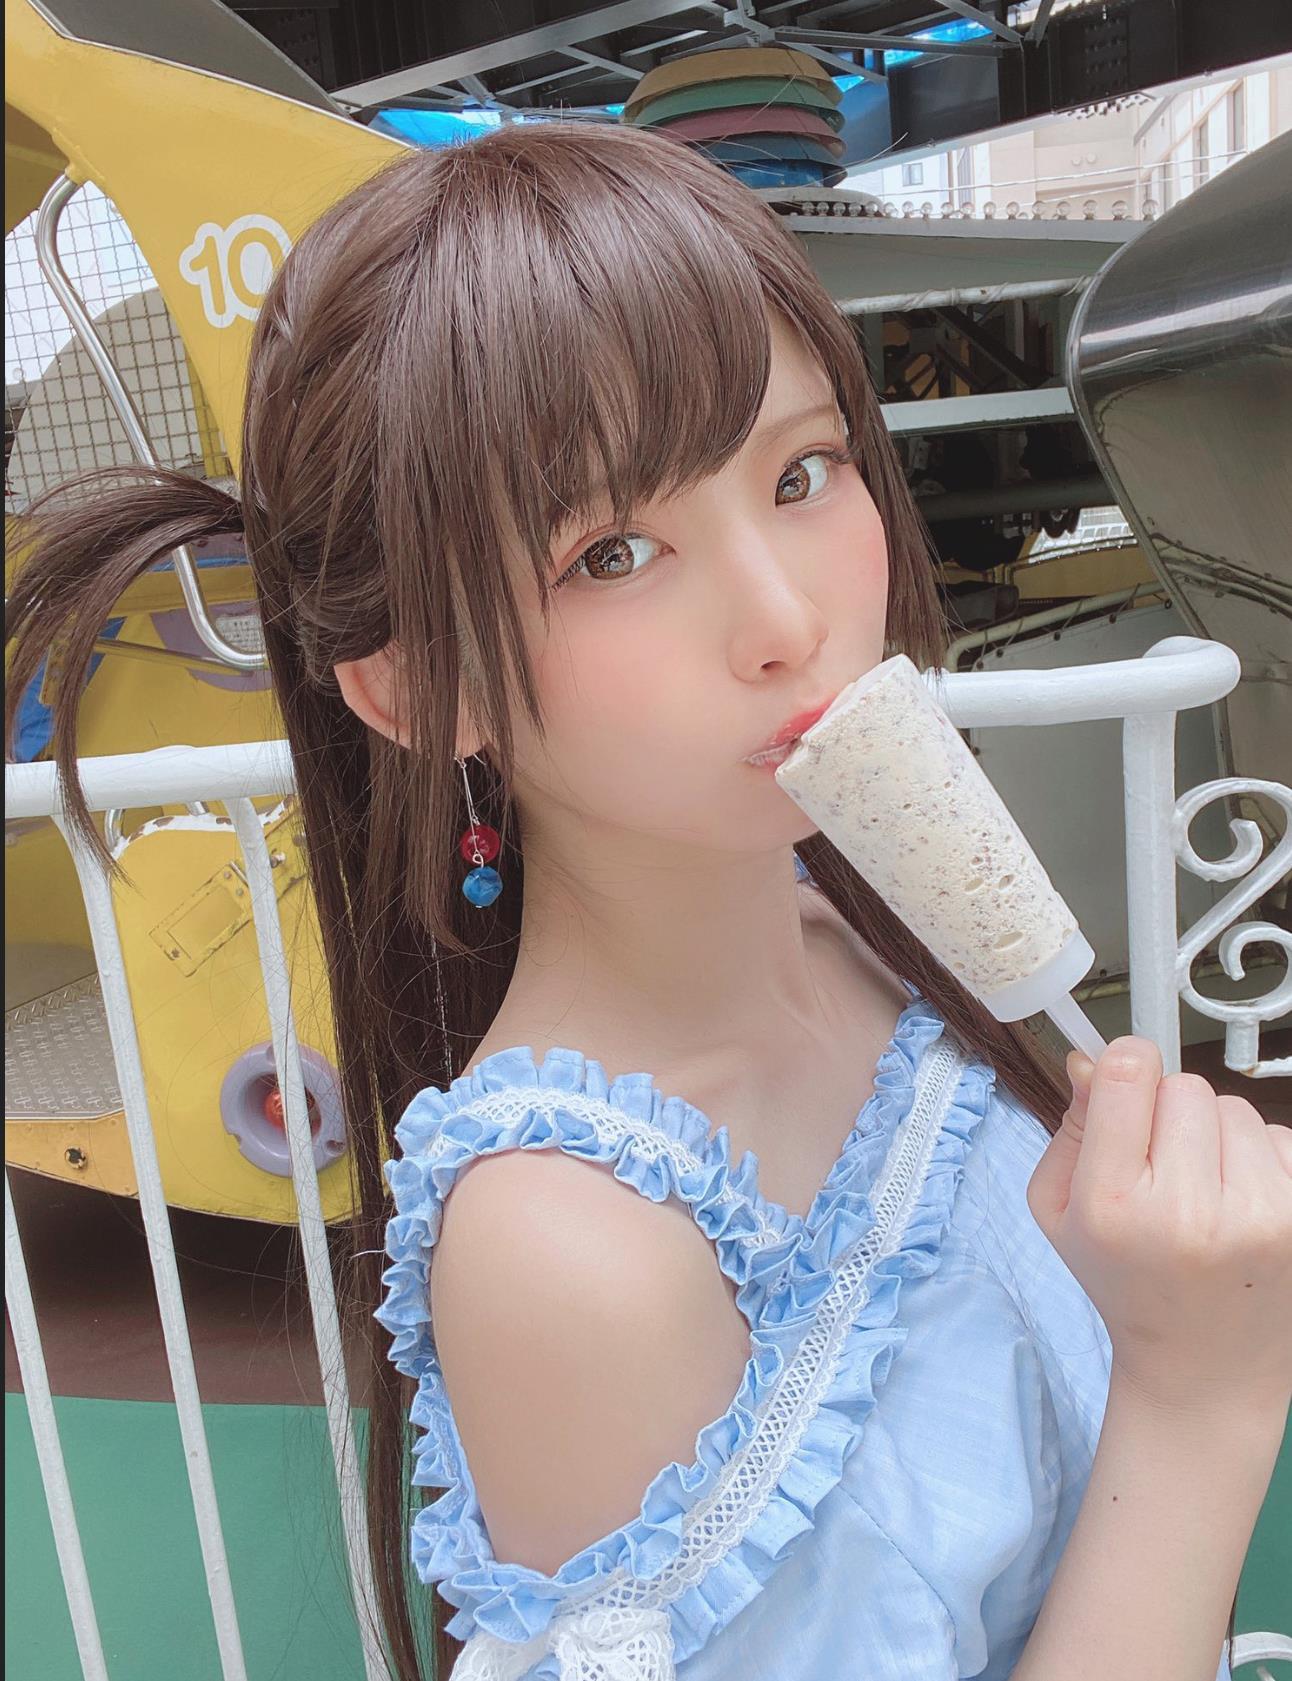 日本第一coser【enako】联动租借女友,周刊少年Magazine 2020 NO.32写真特集